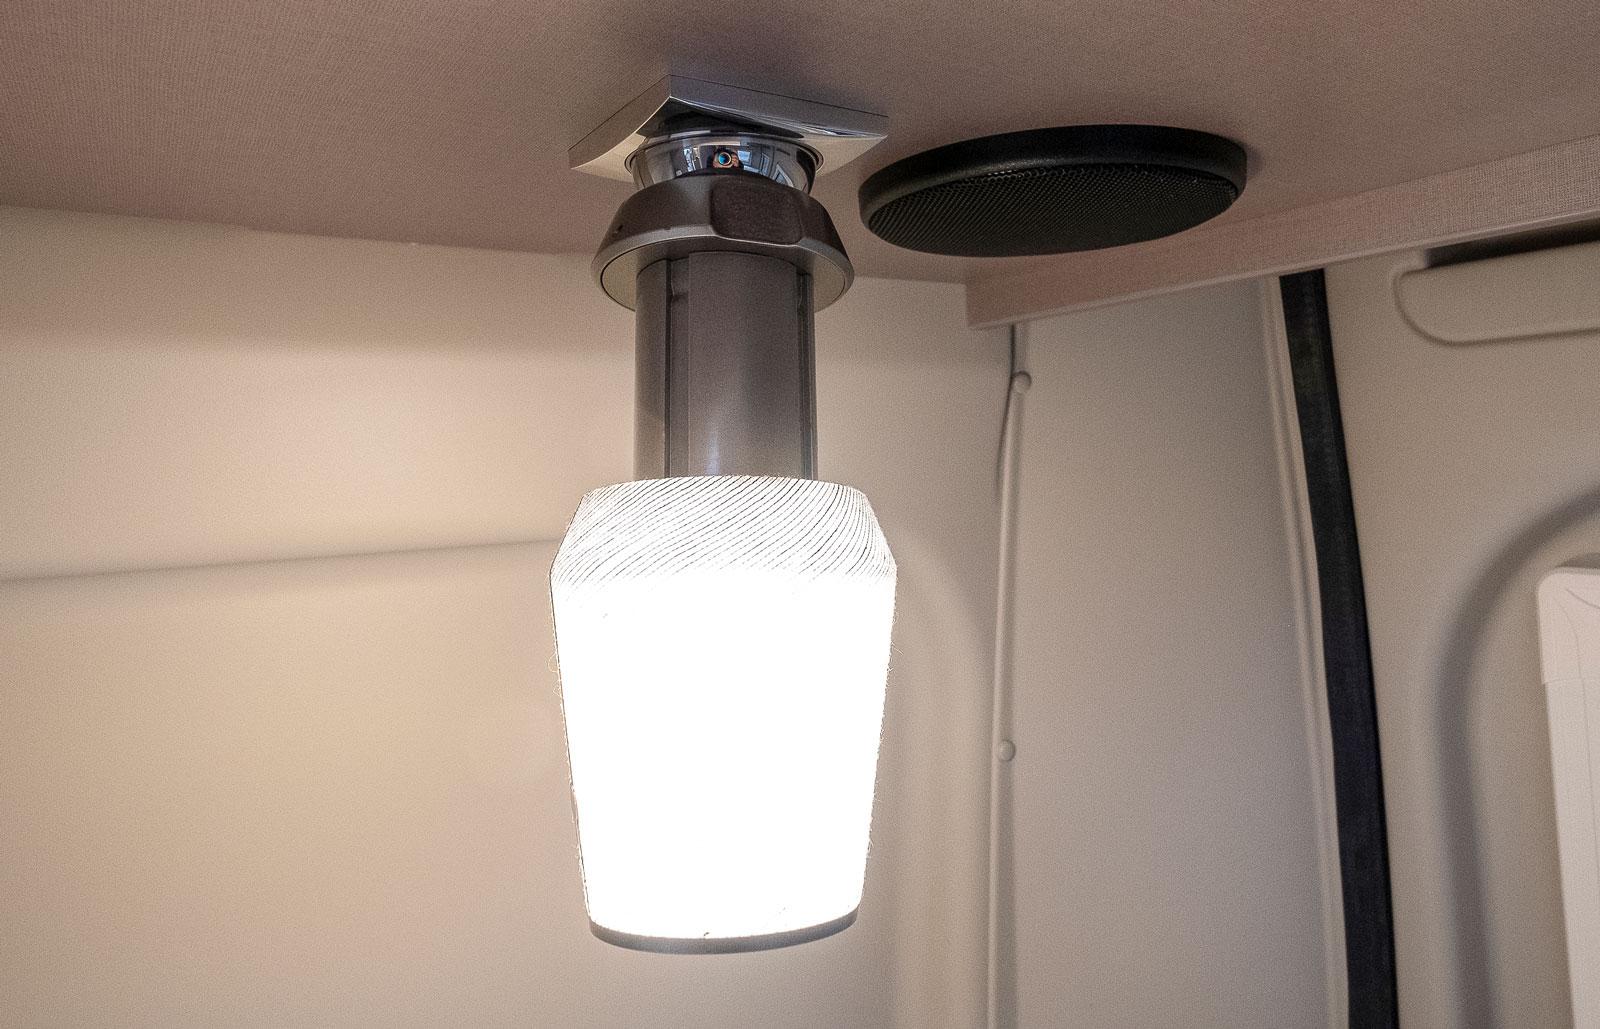 Lamporna är batteridrivna och fästs med magnet. Kan flyttas!